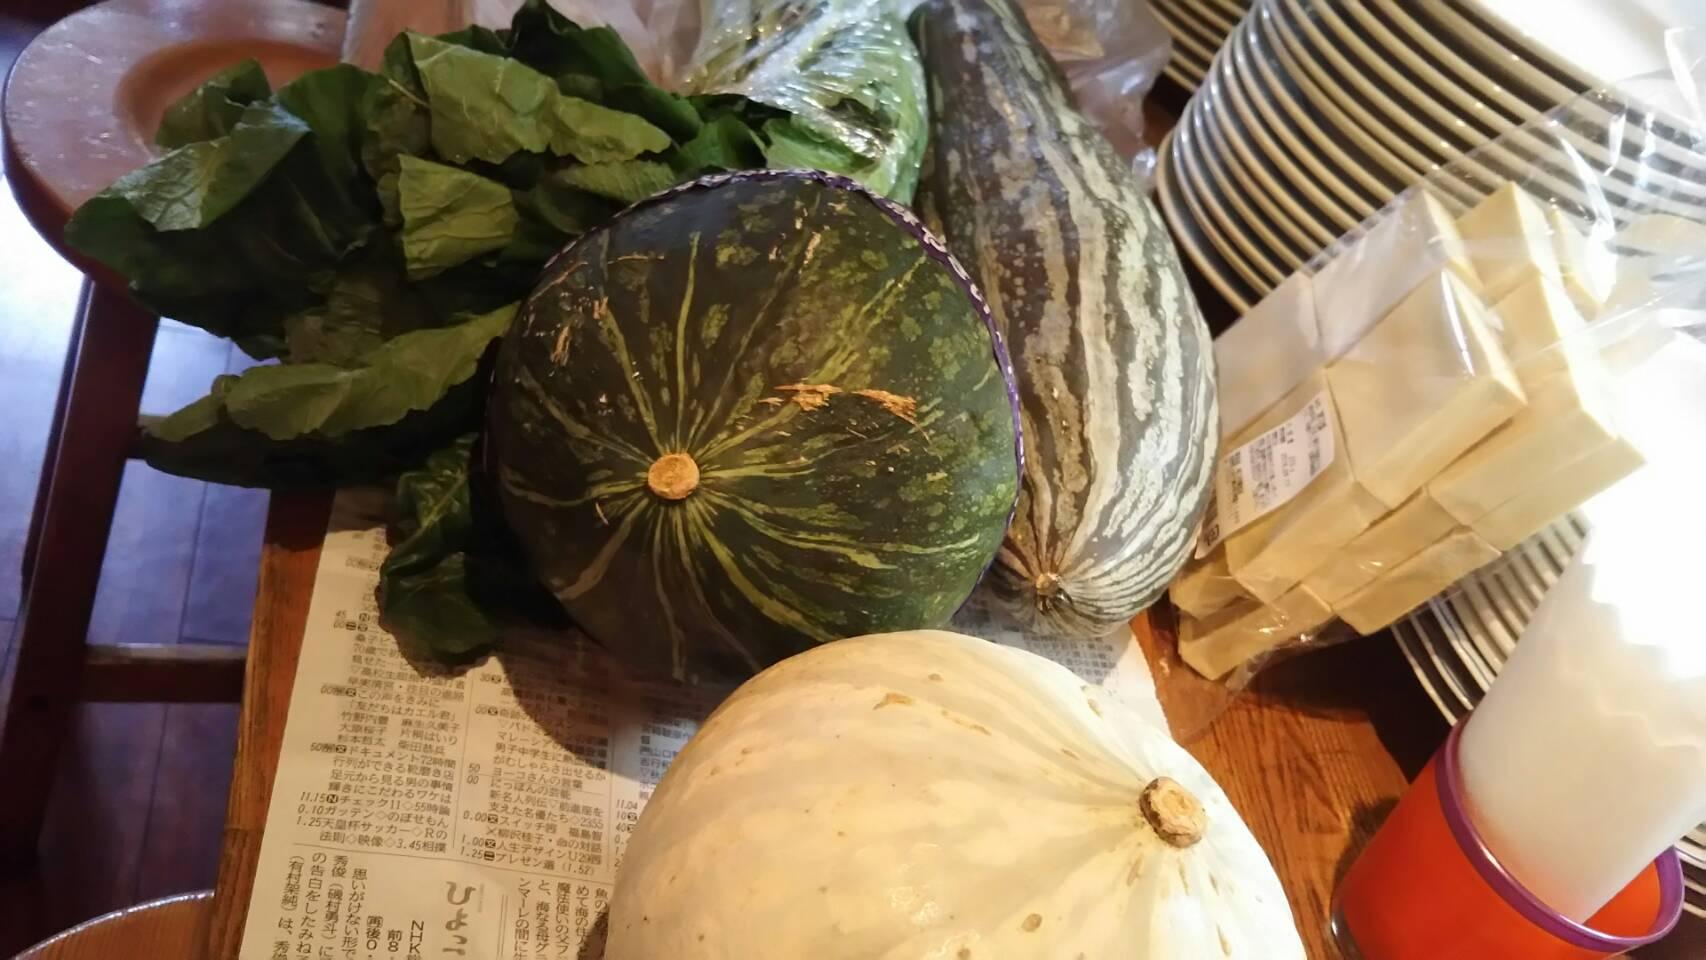 信州、安曇野から季節の野菜が届きました